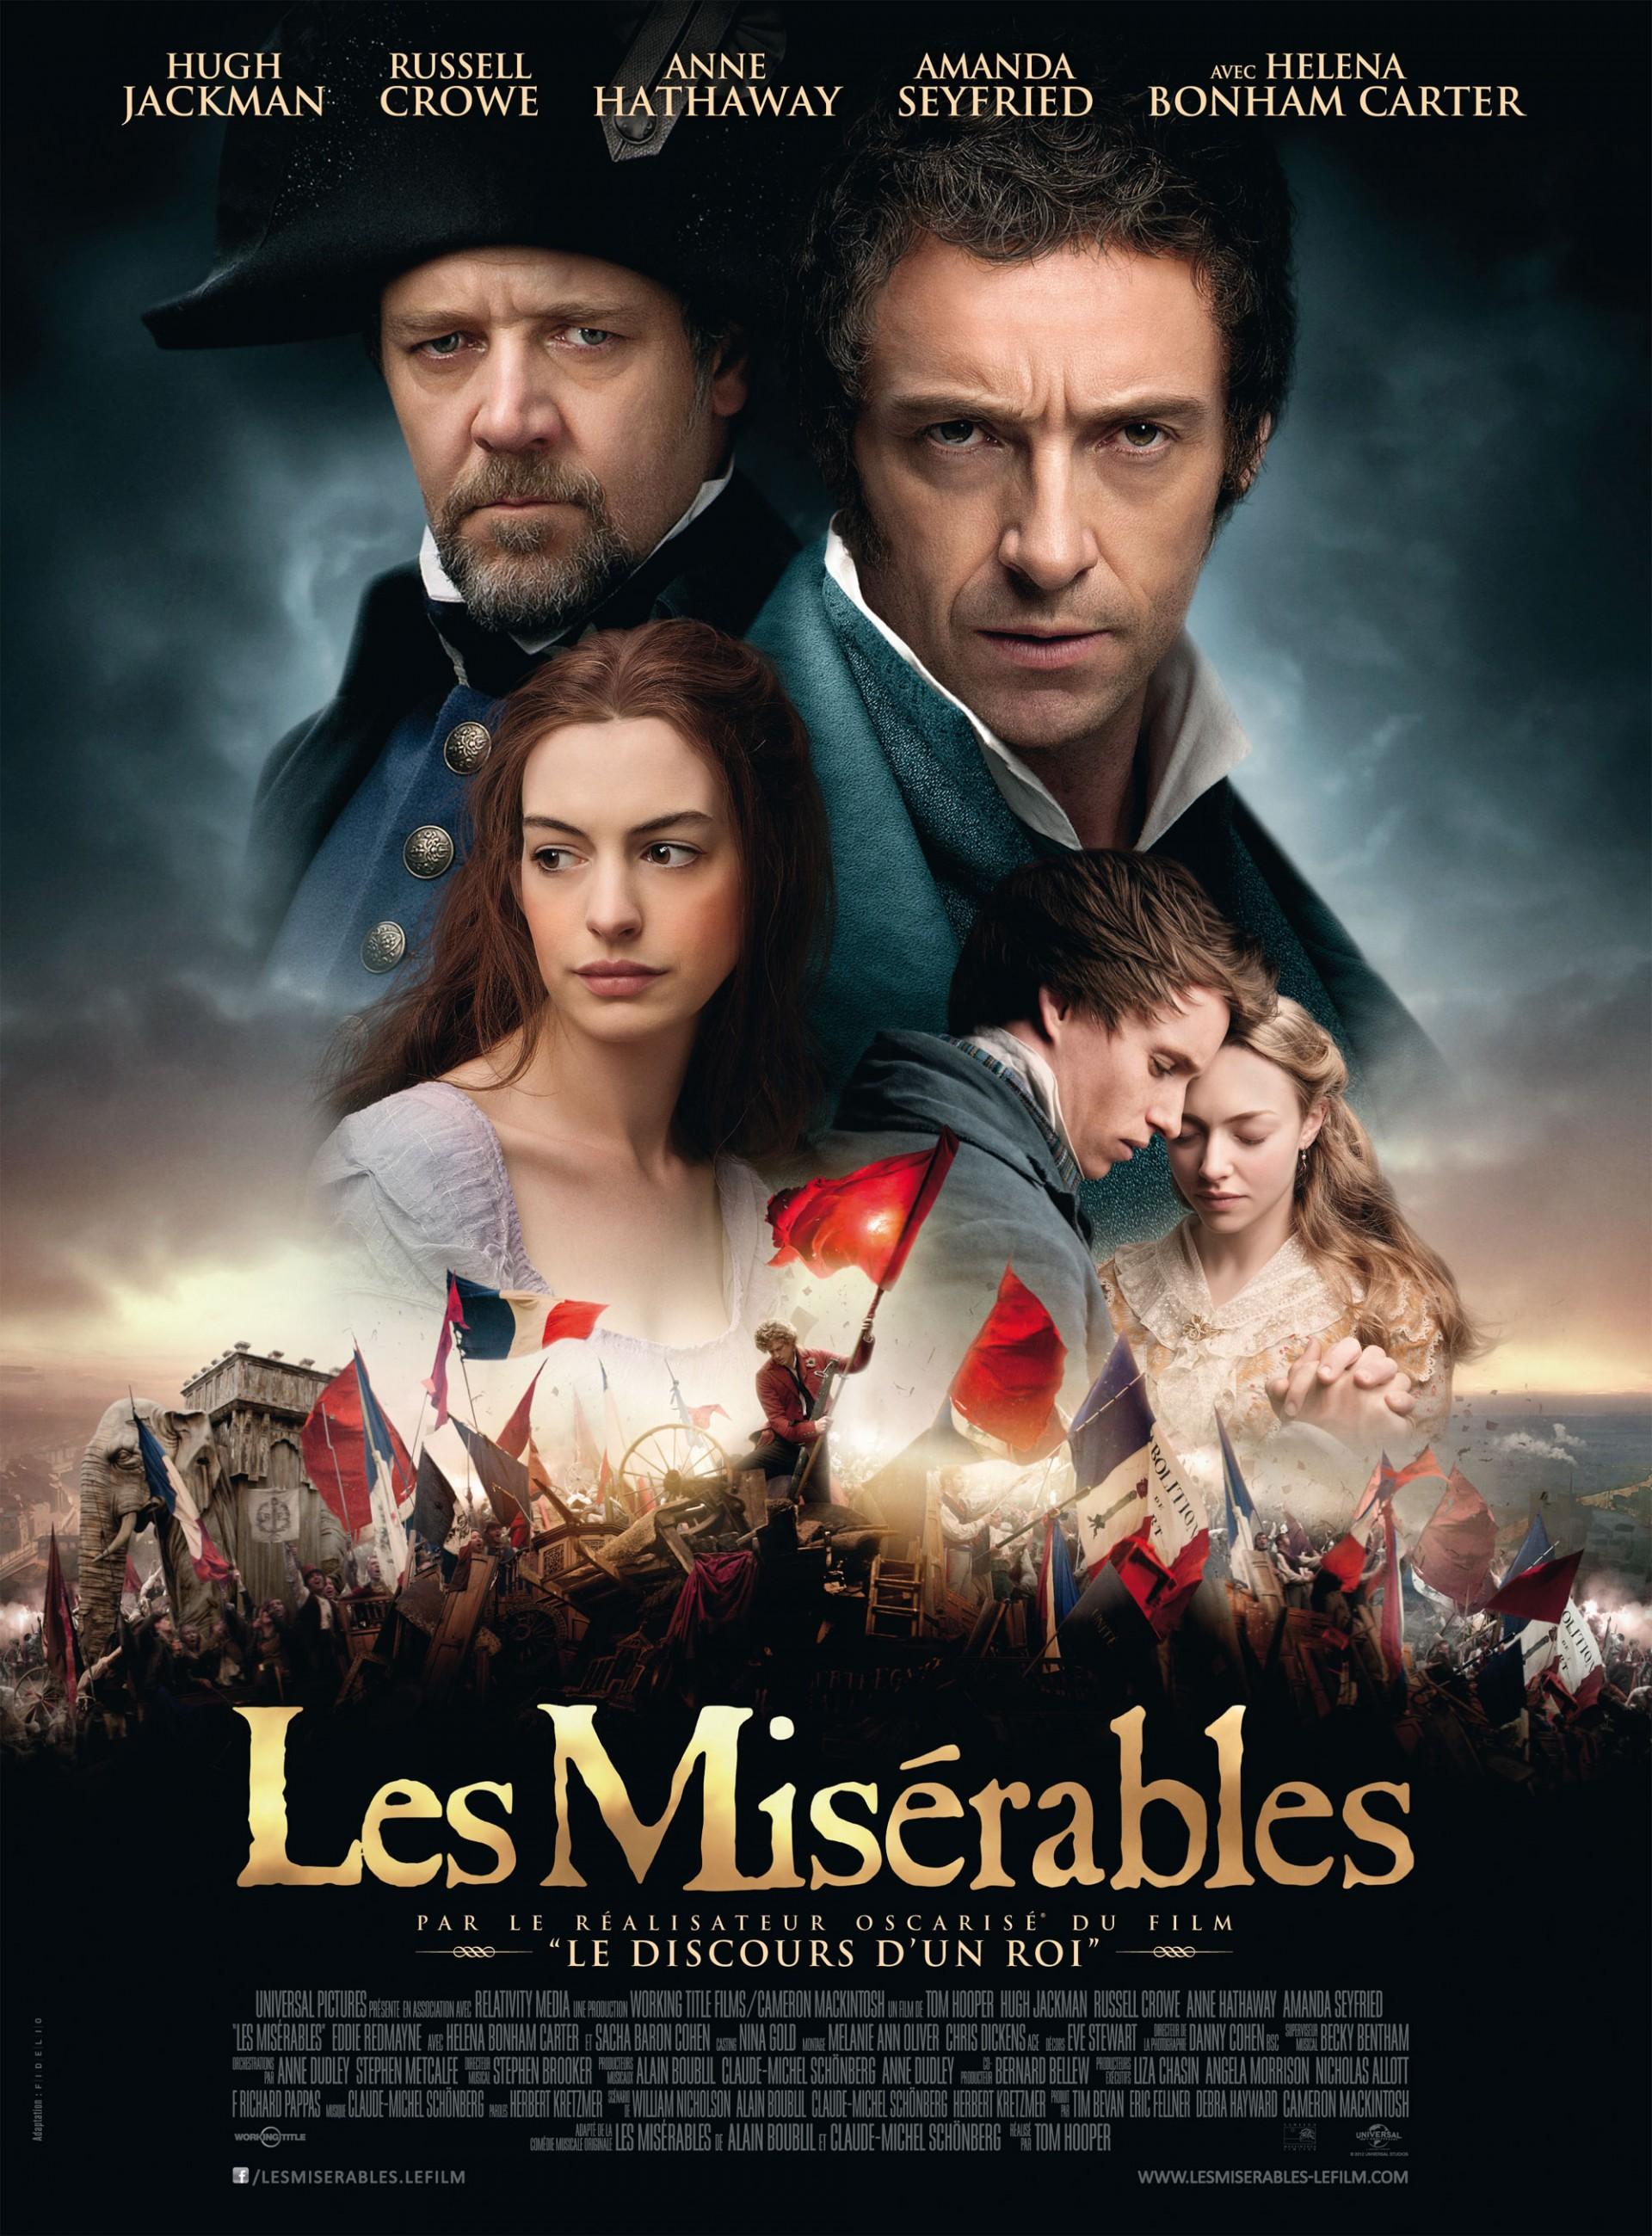 [MULTI] Les Misérables [DVDSCR - VOSTFR] [MP4]